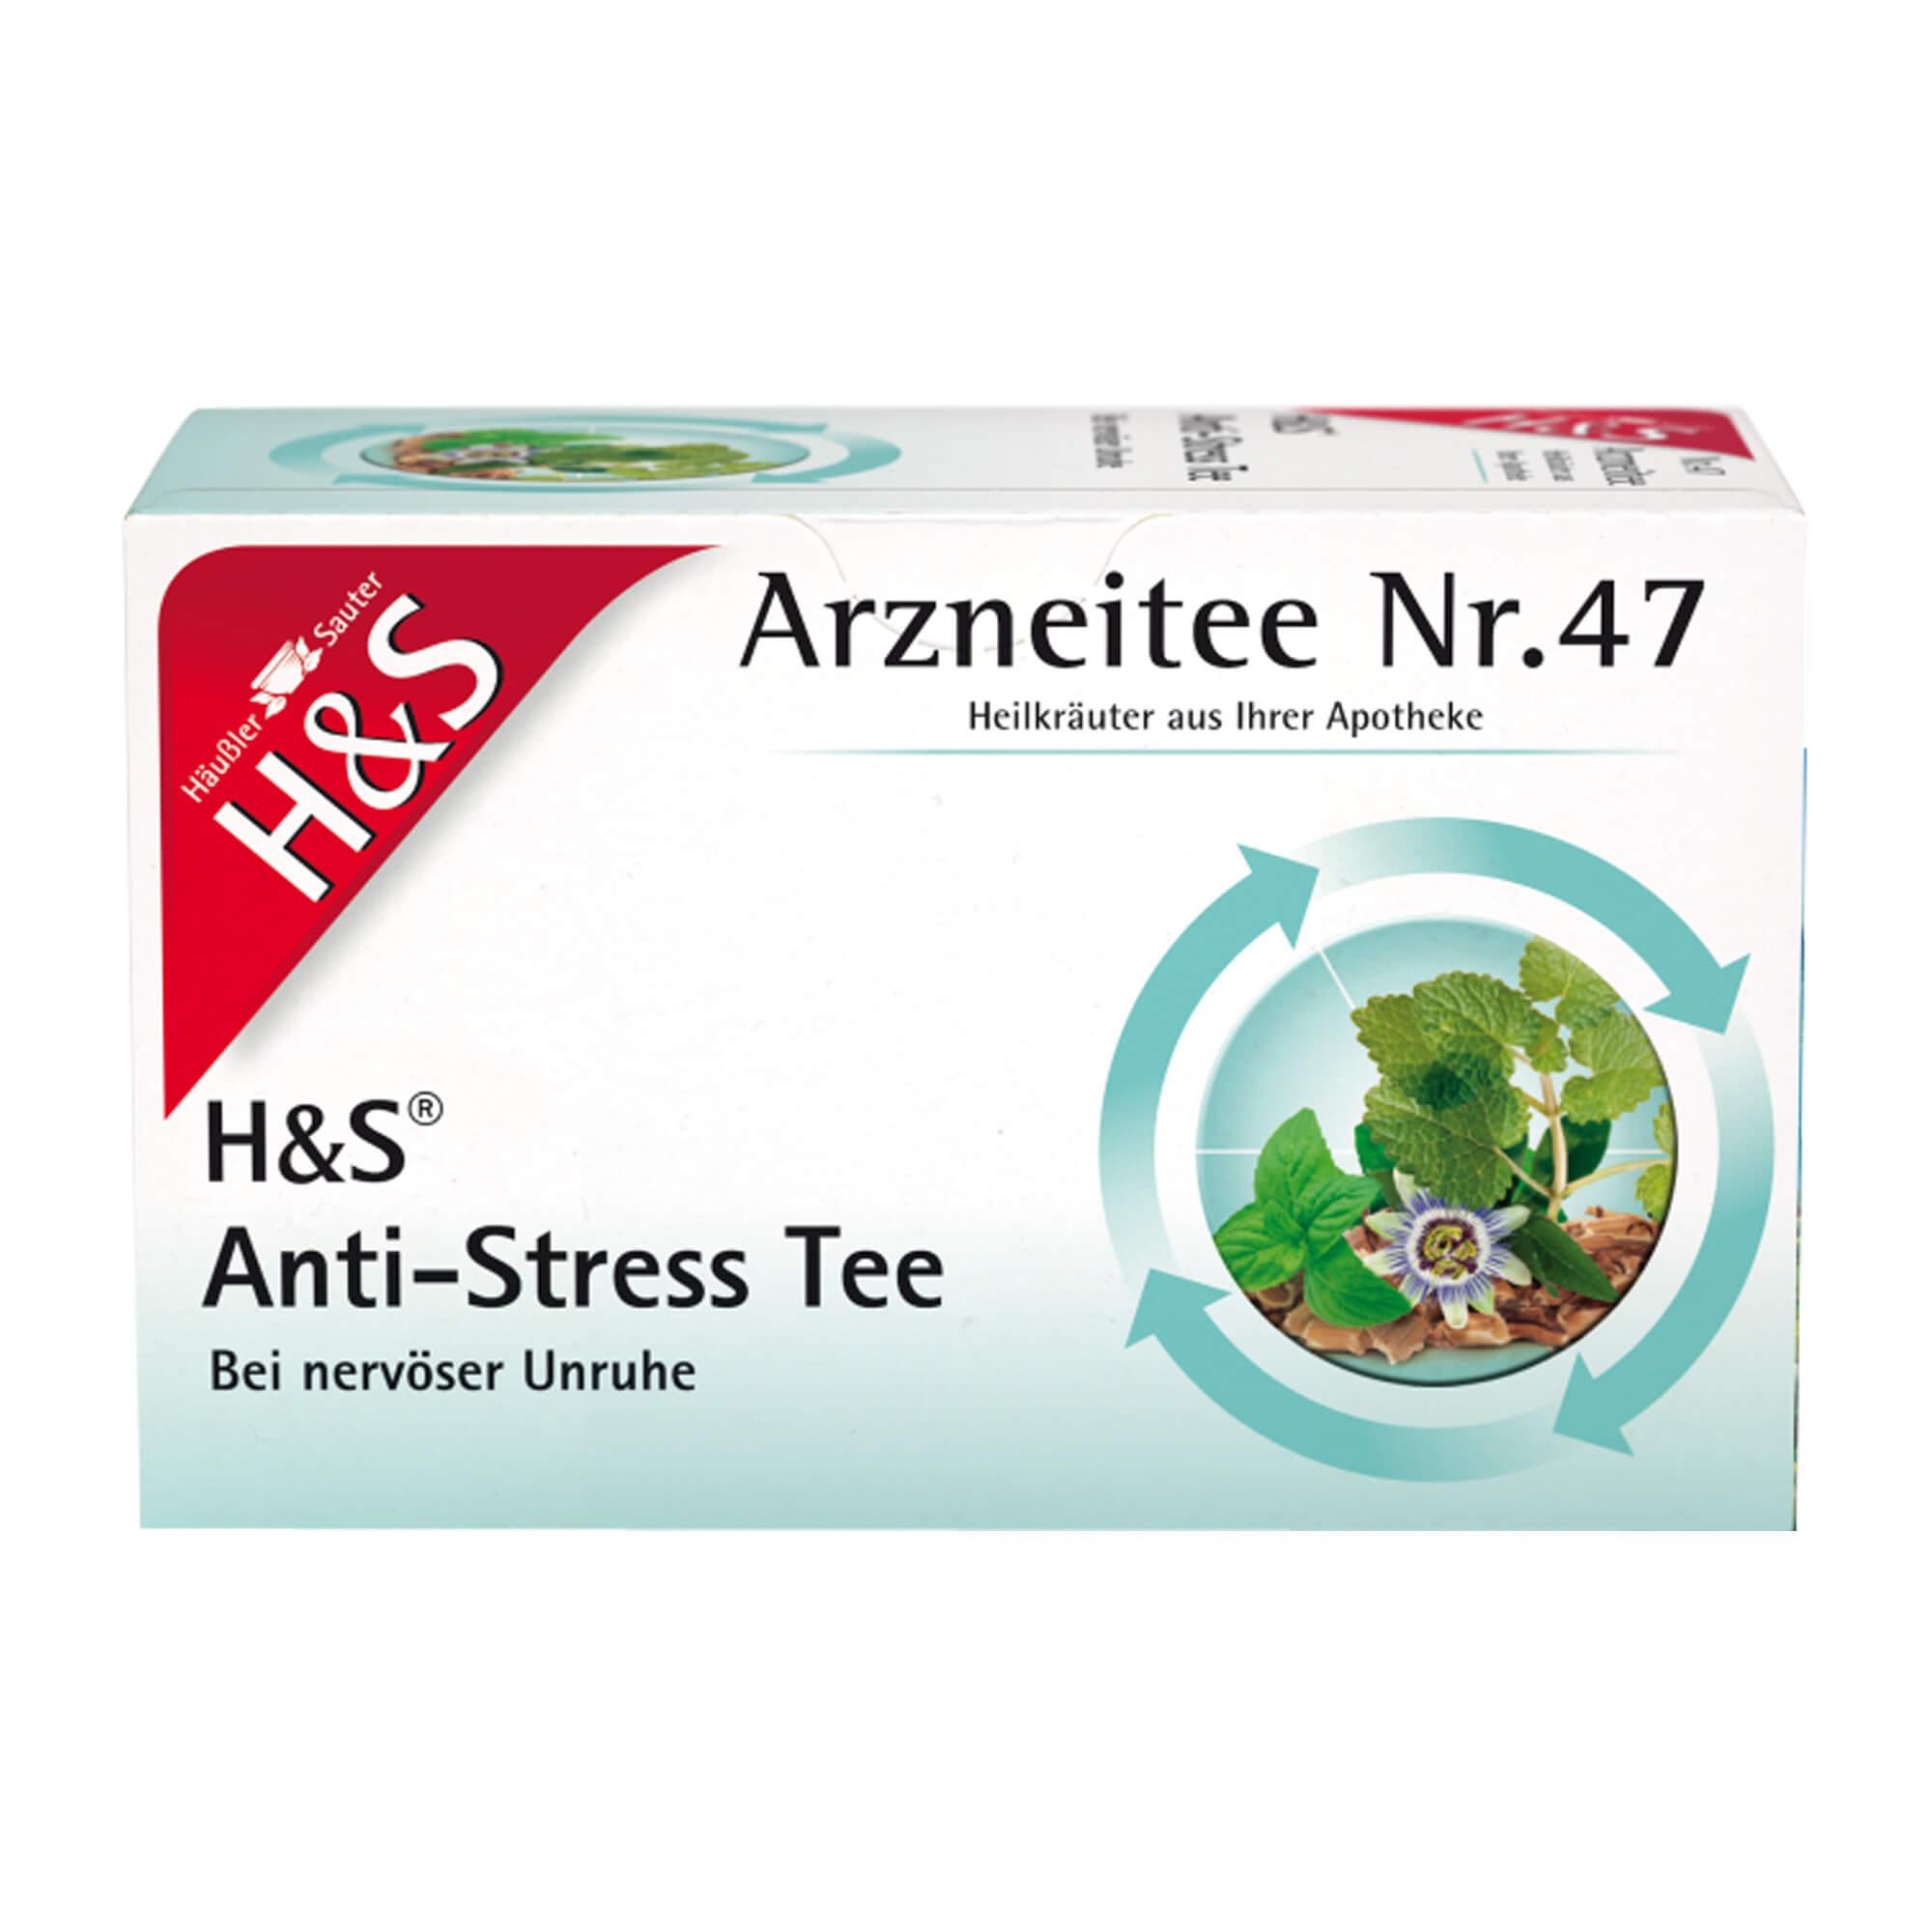 H&S Anti-Stress Tee